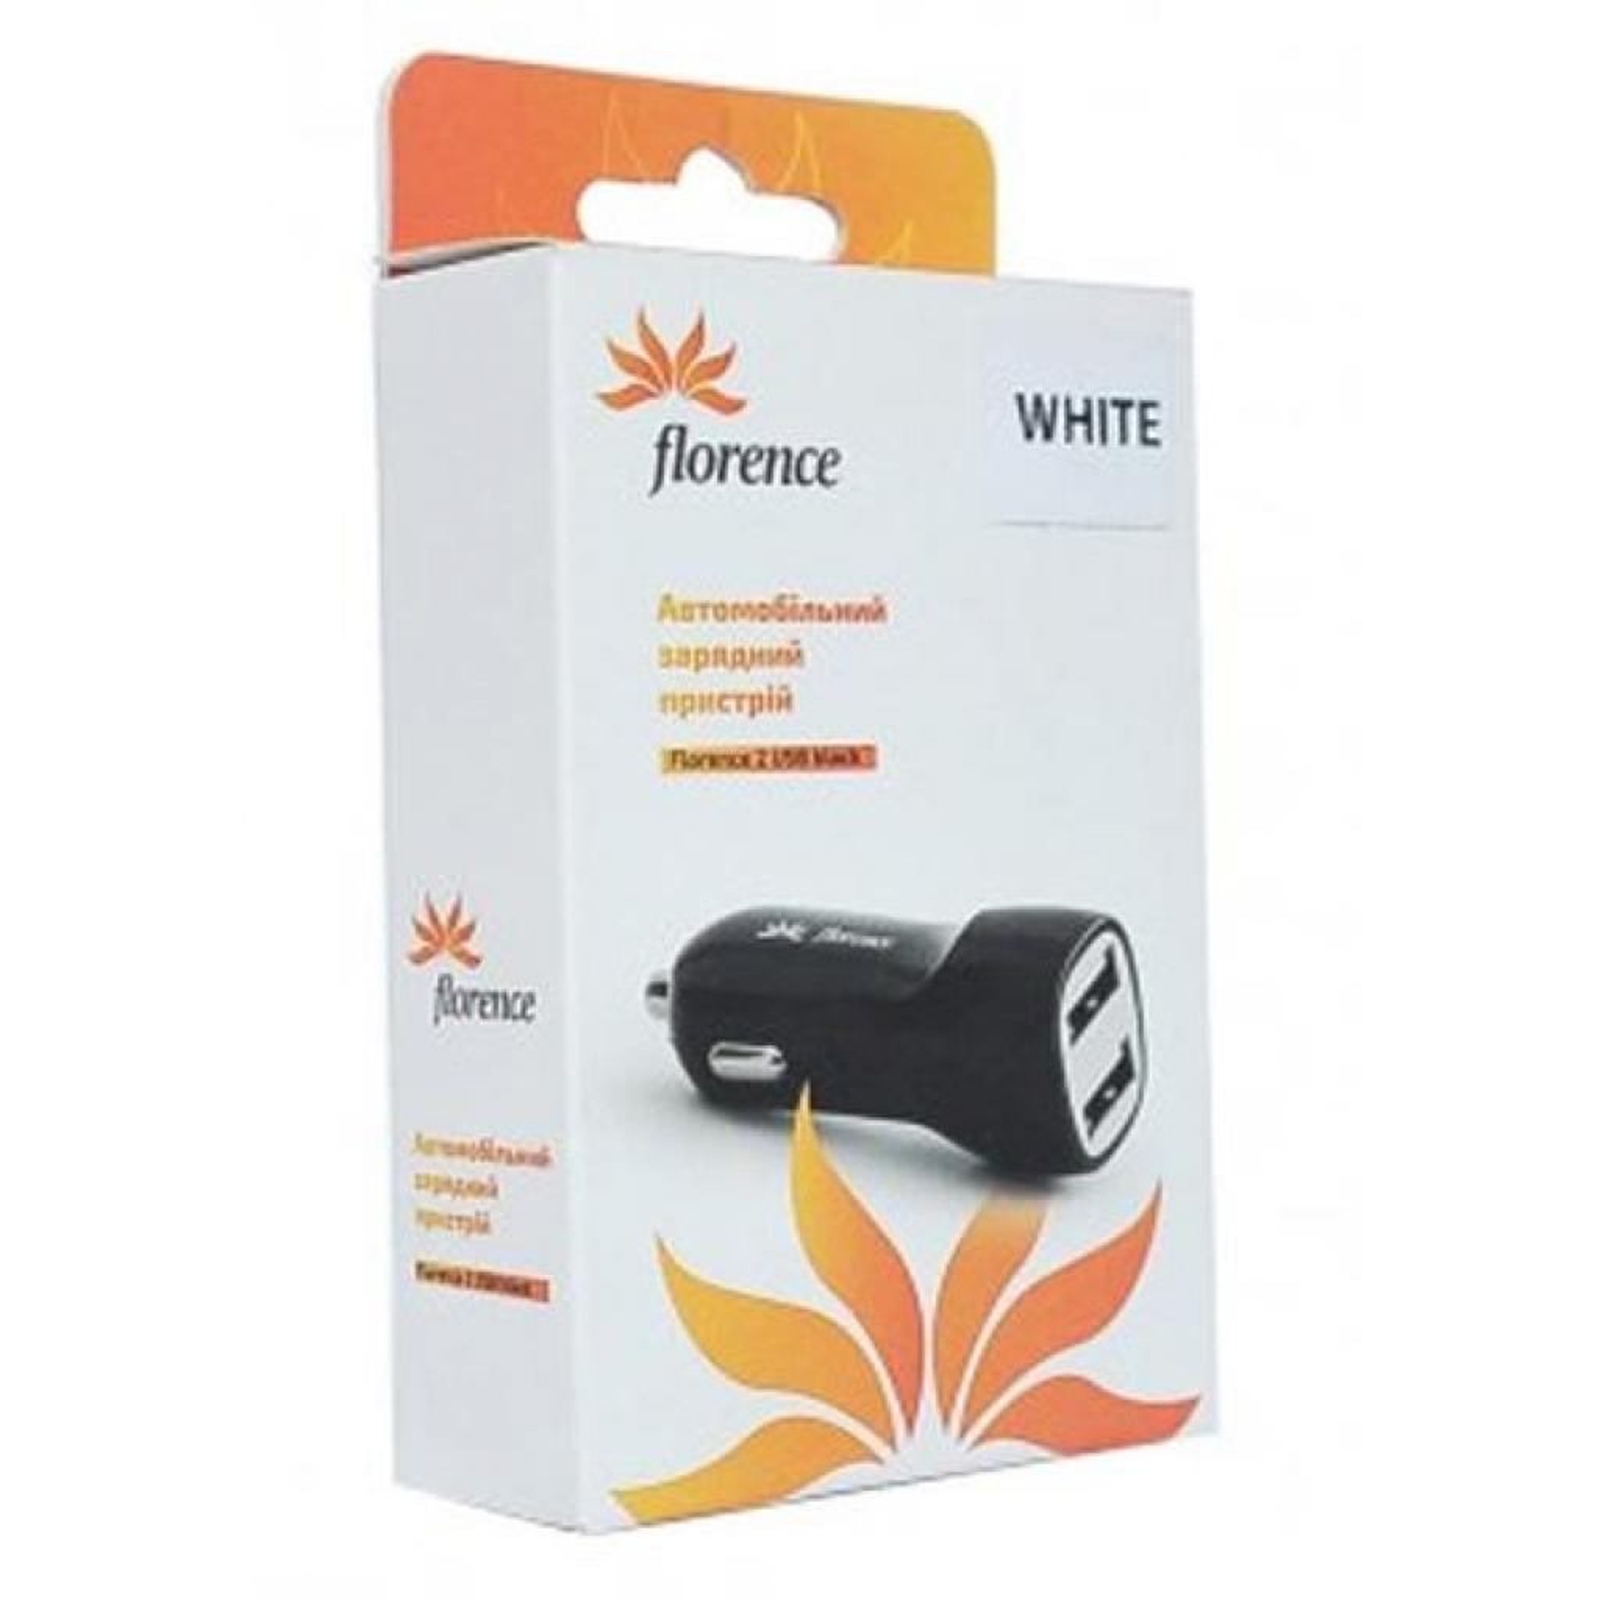 Зарядное устройство Florence 2*USB, 2.1A white (CC21-2USBWH) изображение 2